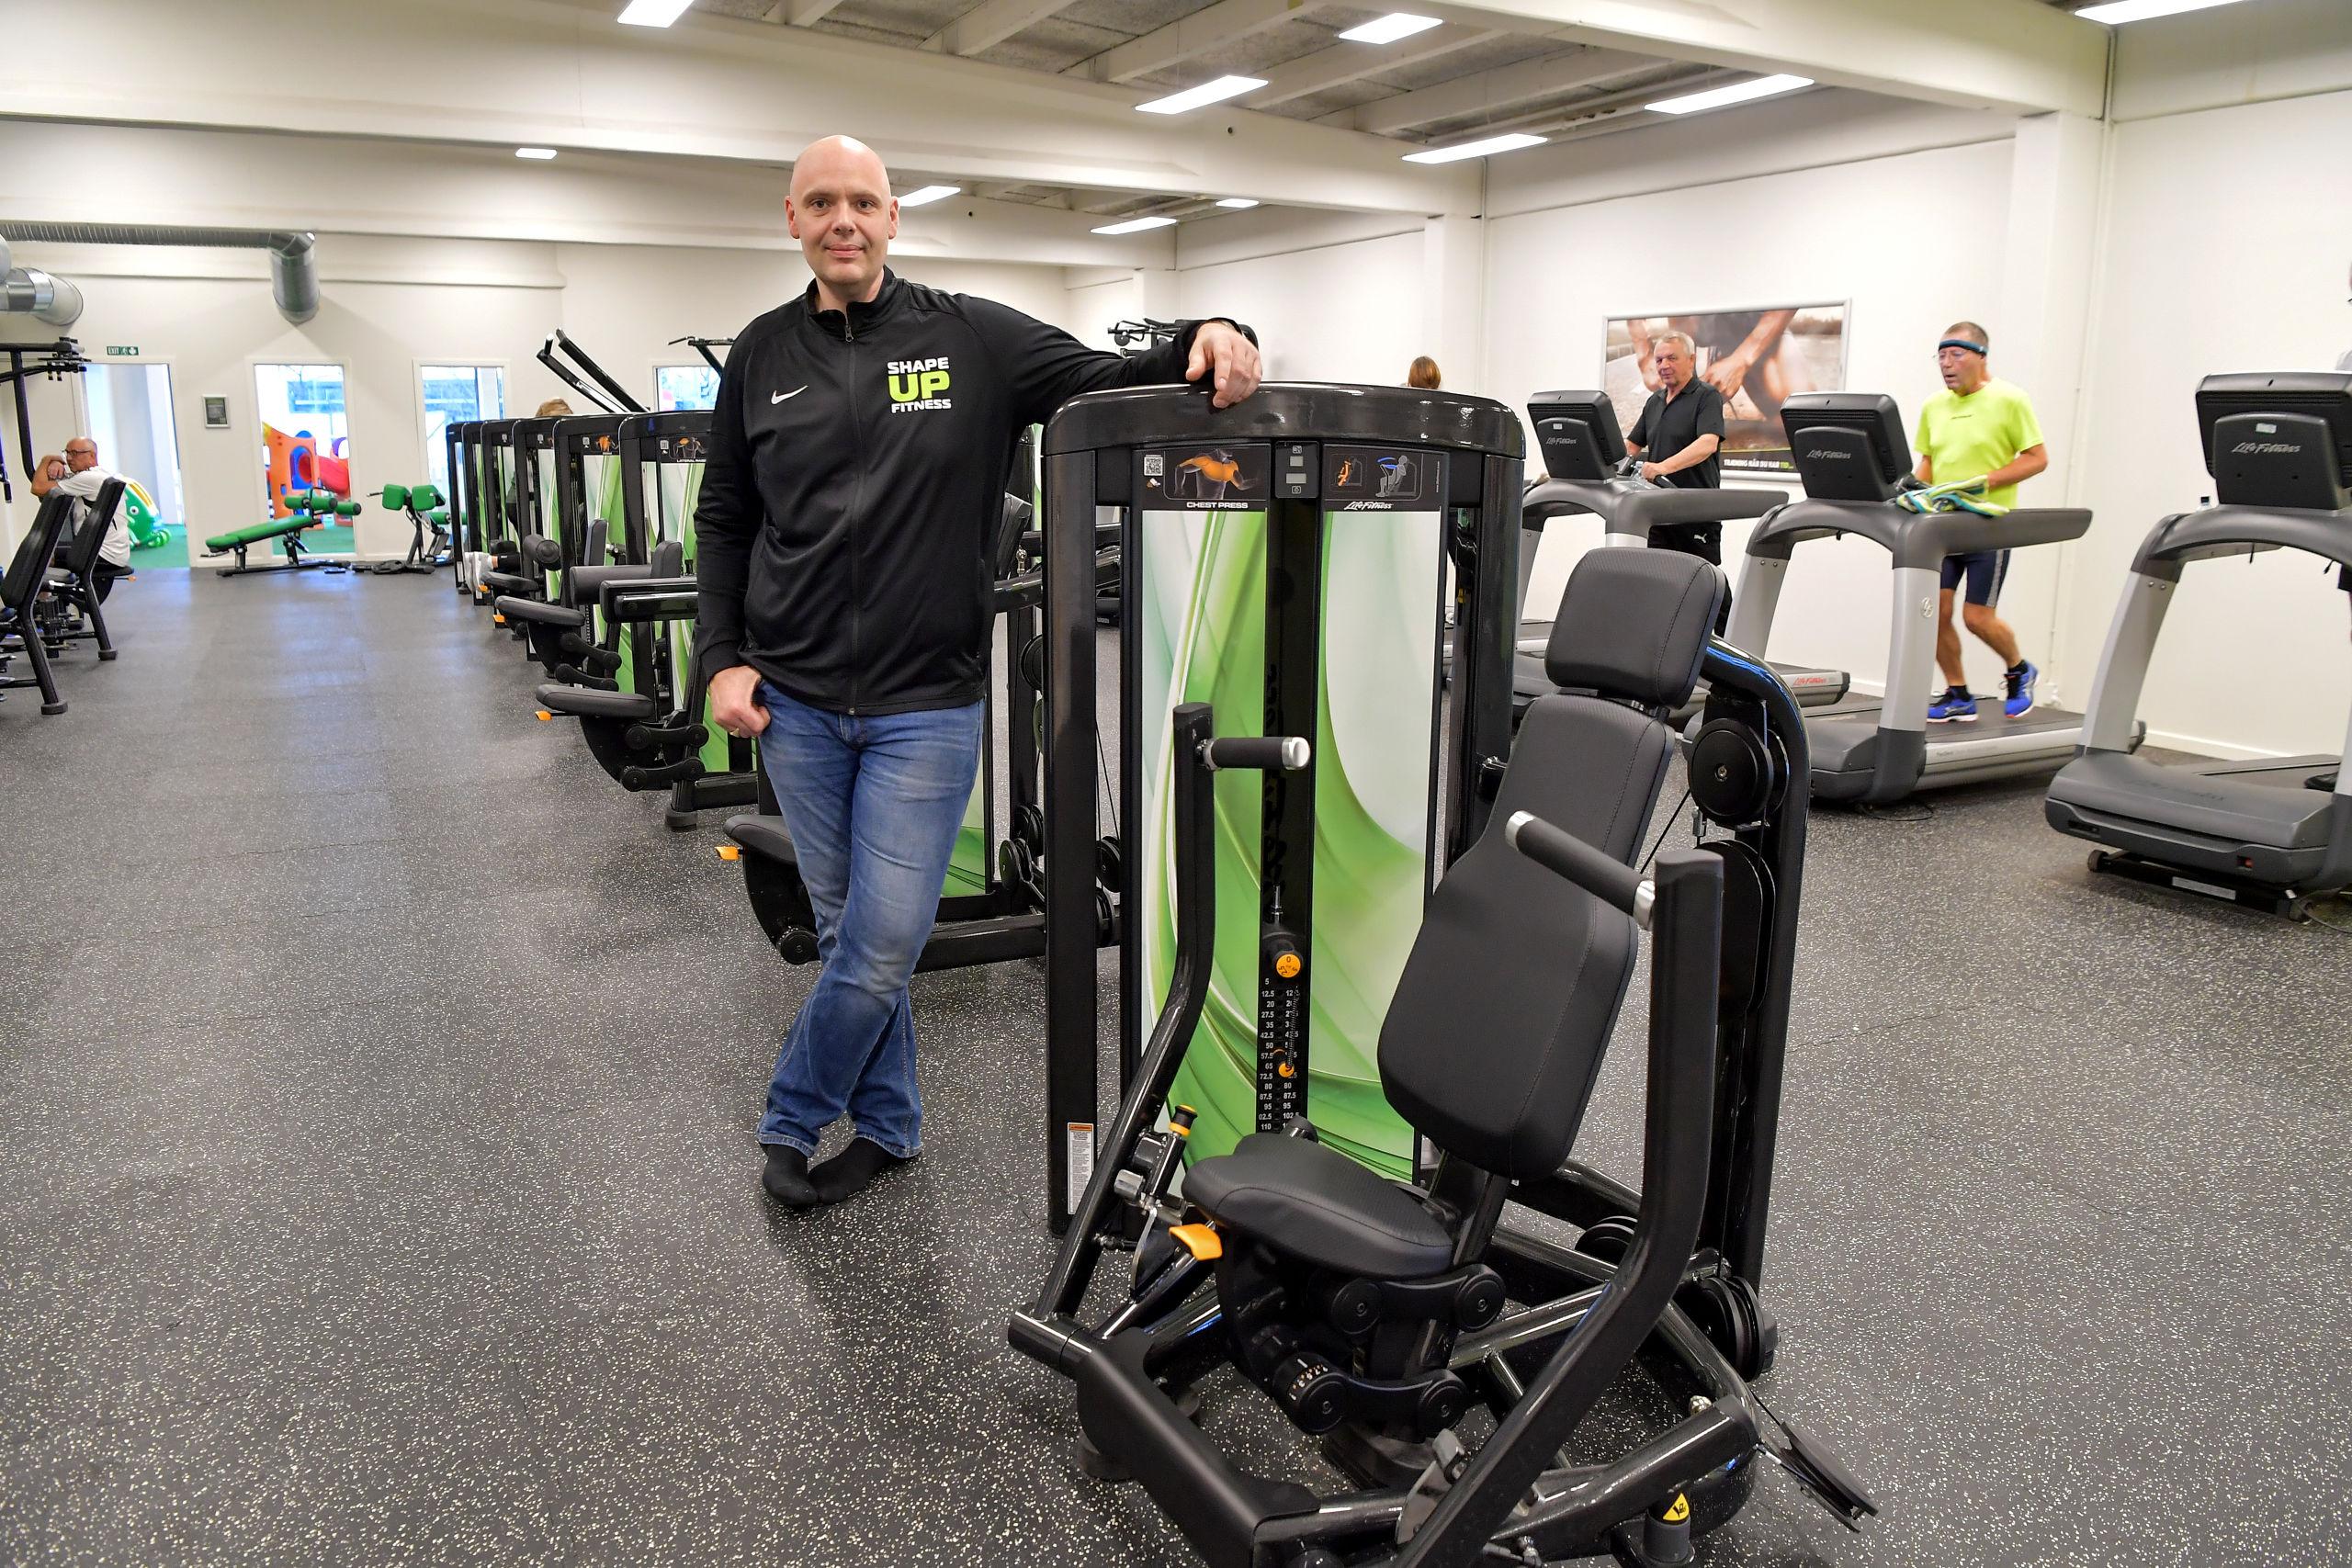 Færdigt på rekordtid: Det store og spritnye fitnesscenter er åbnet